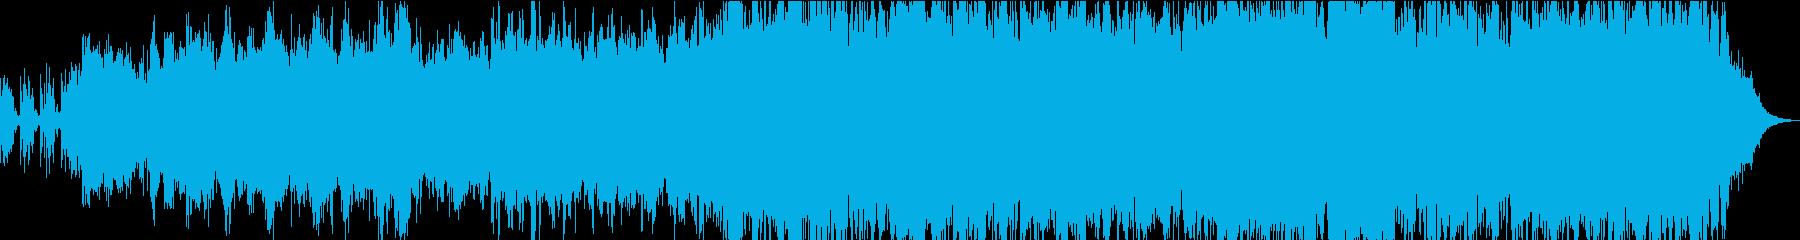 ゆったりしたメロとパーカッションの曲の再生済みの波形